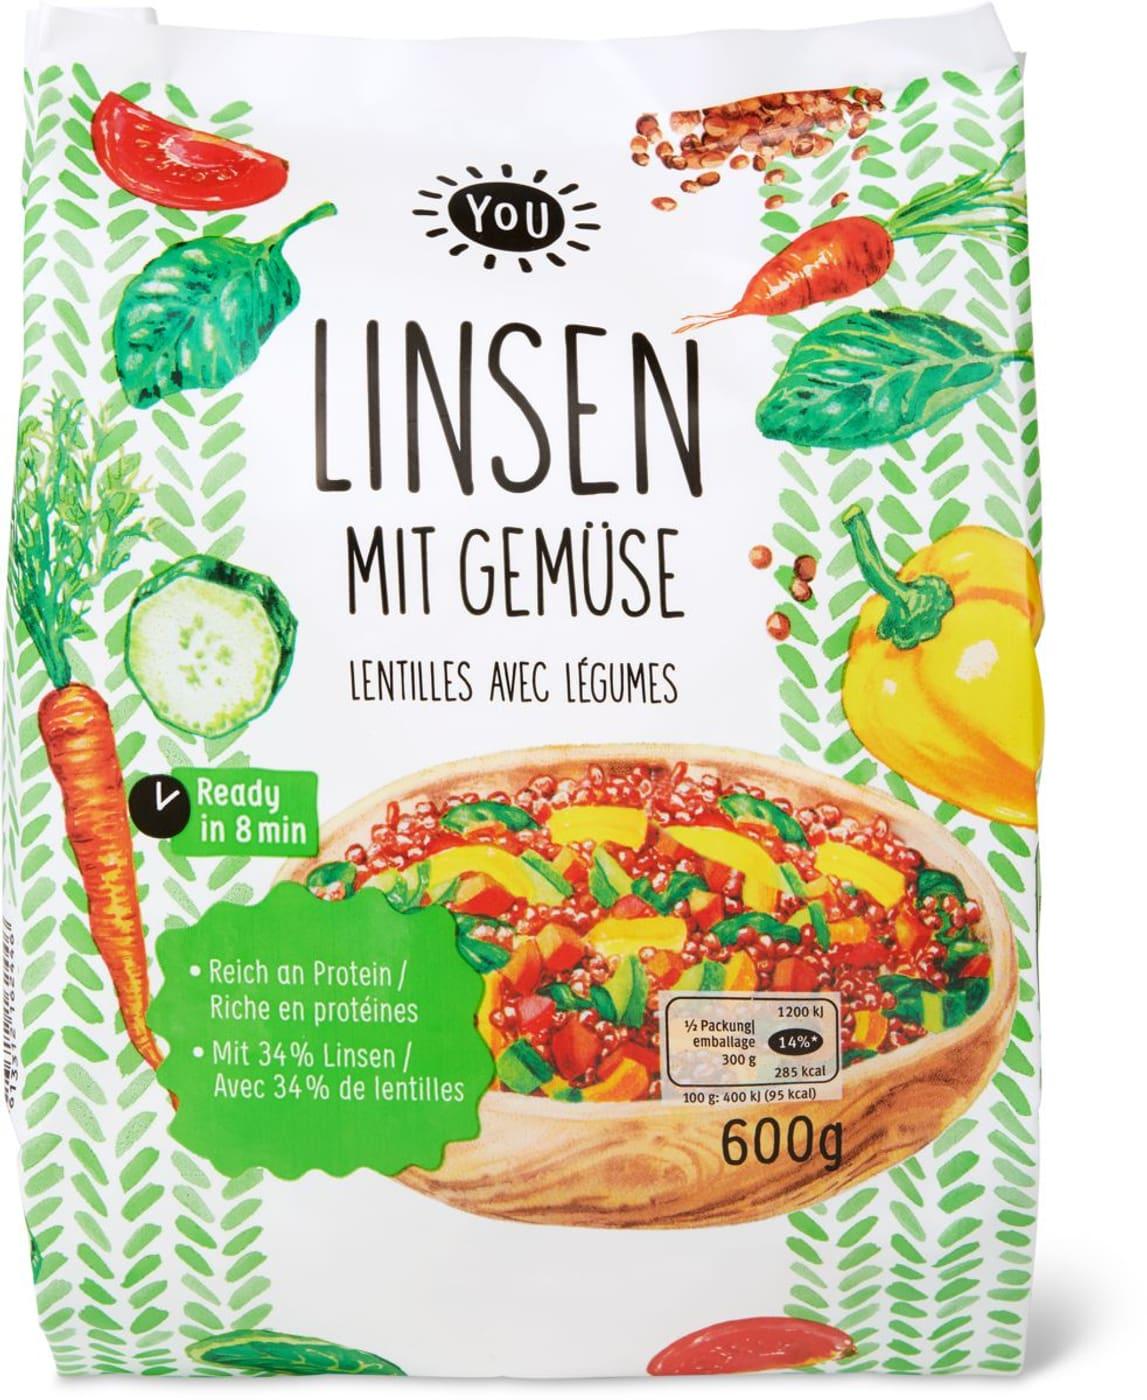 YOU Linsen mit Gemüse | Migros